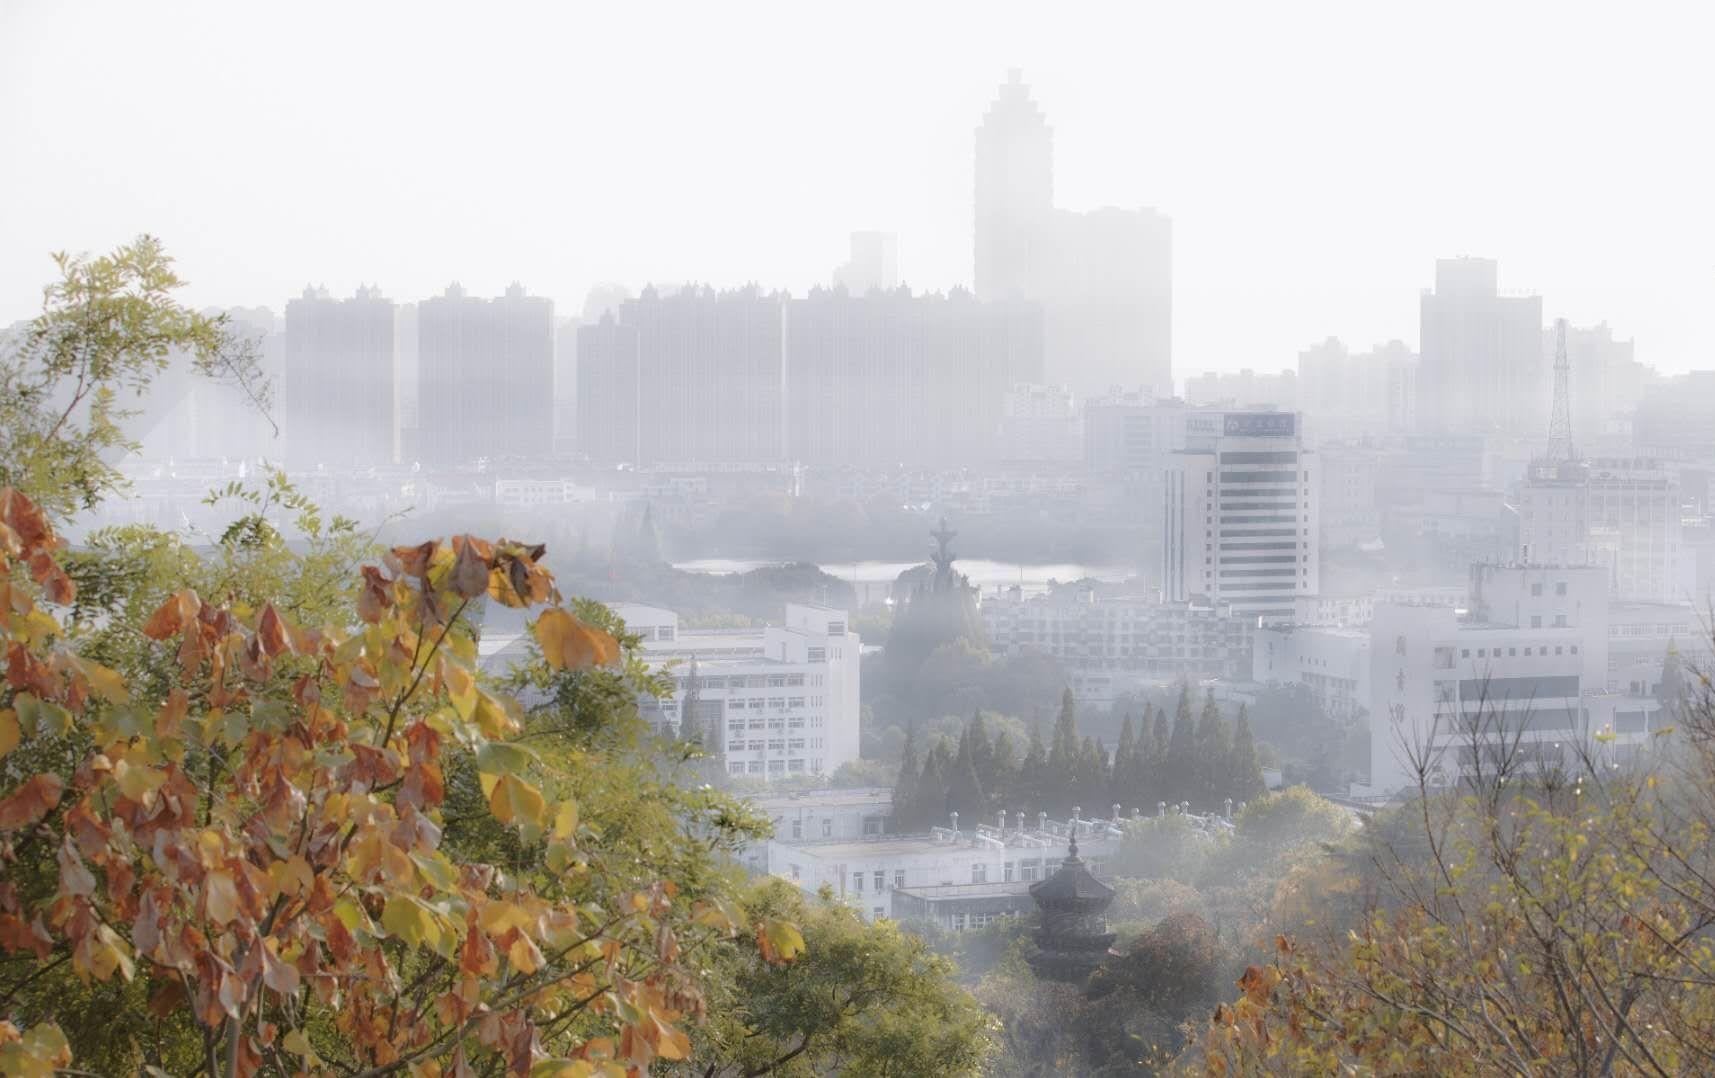 薄雾轻笼的小城芜湖。亭台、楼宇影影绰绰,好似一幅水墨丹青图。摄影/赵玮